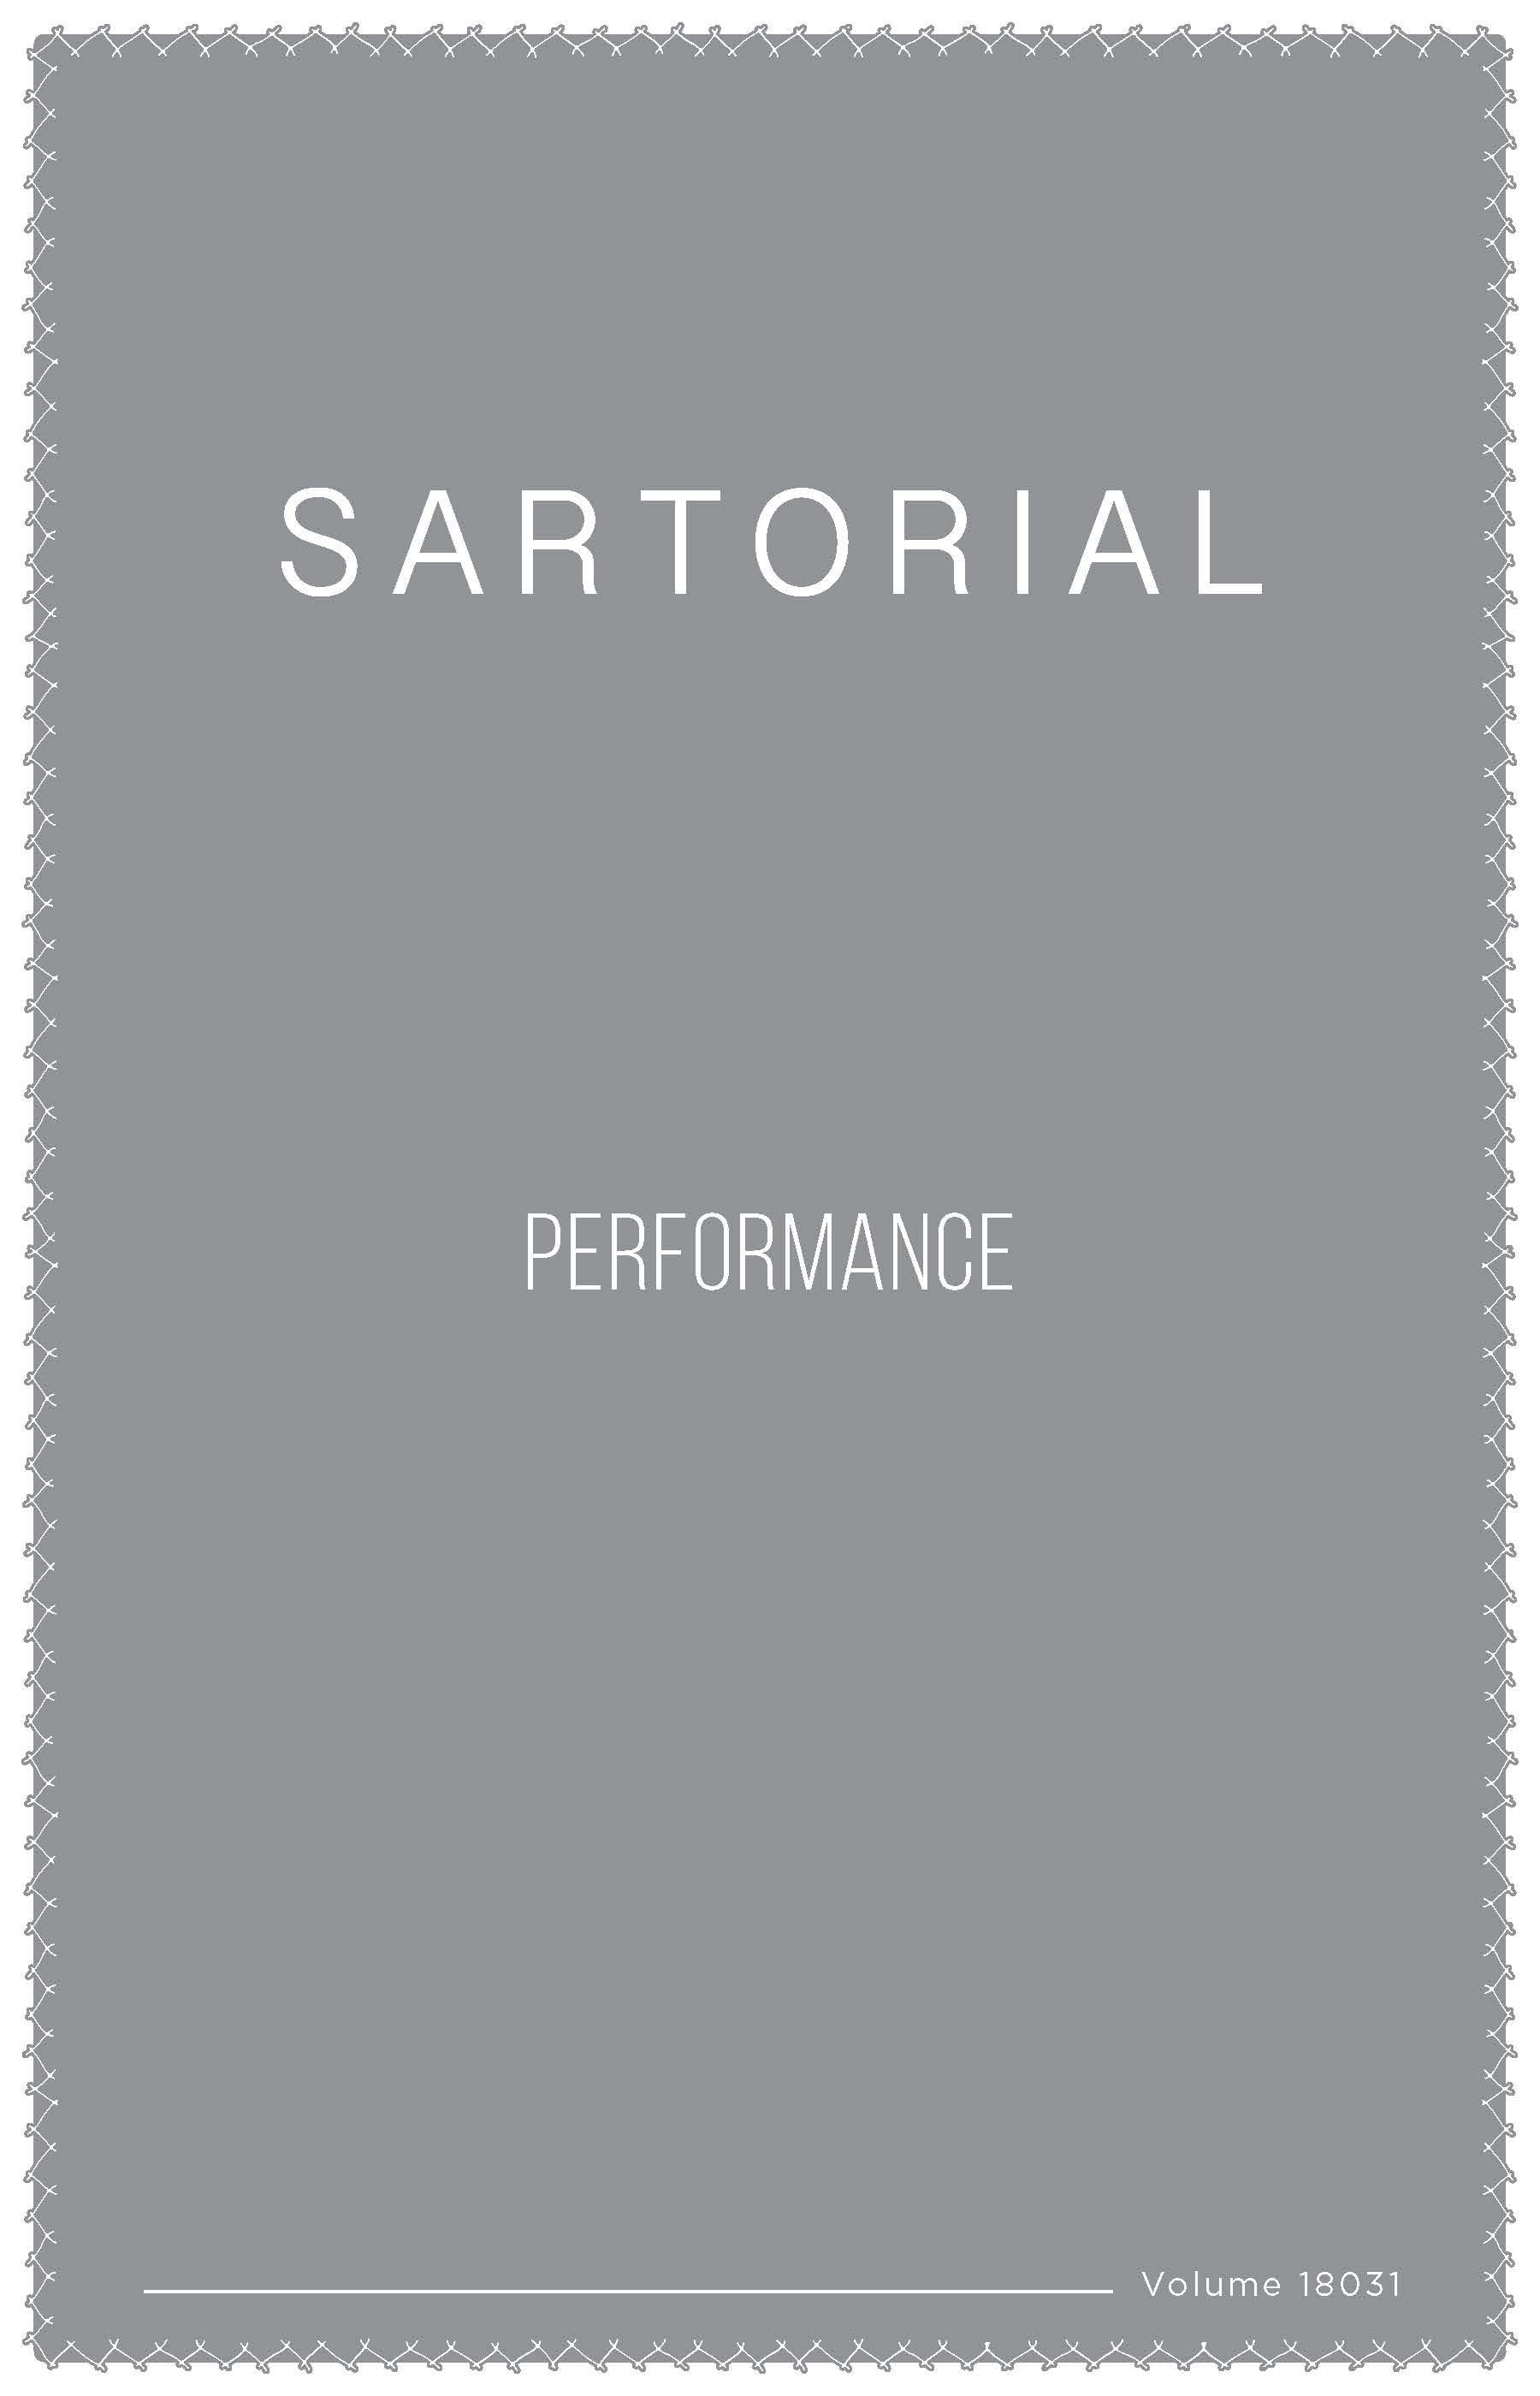 Sartorial_Performance_V18031_Digital.jpg